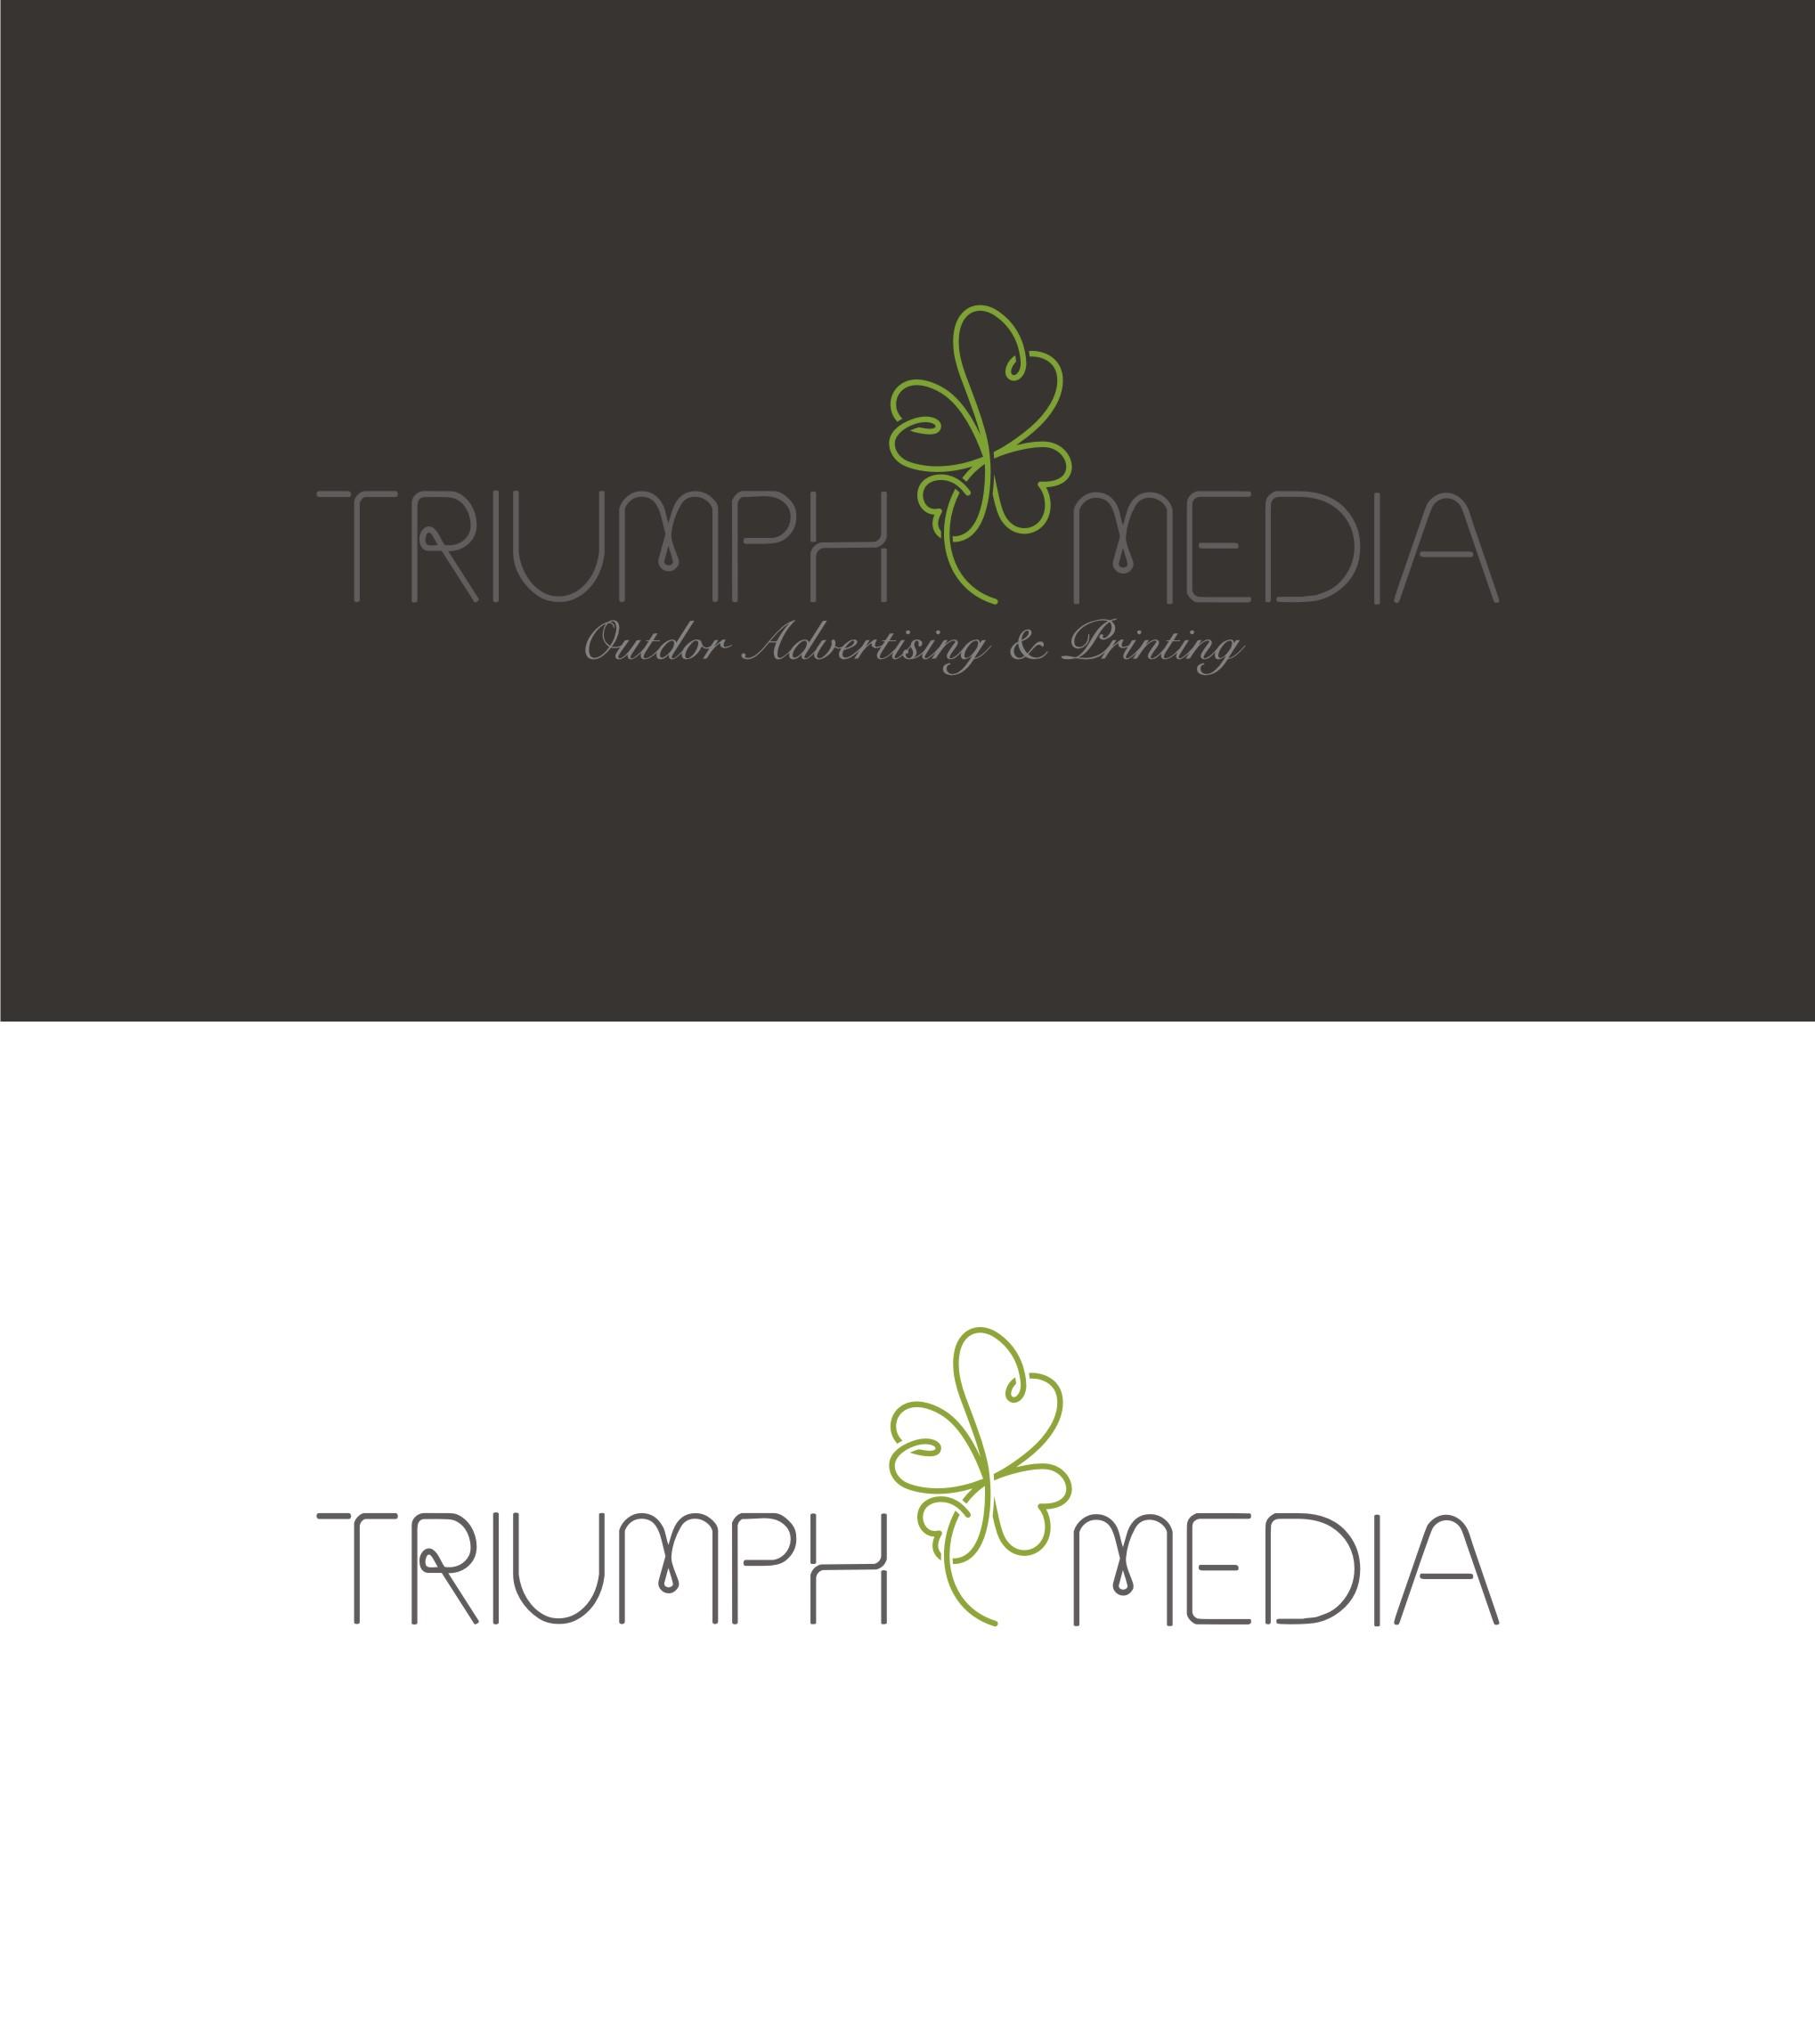 Разработка логотипа  TRIUMPH MEDIA с изображением клевера фото f_507099f07b5c5.jpg